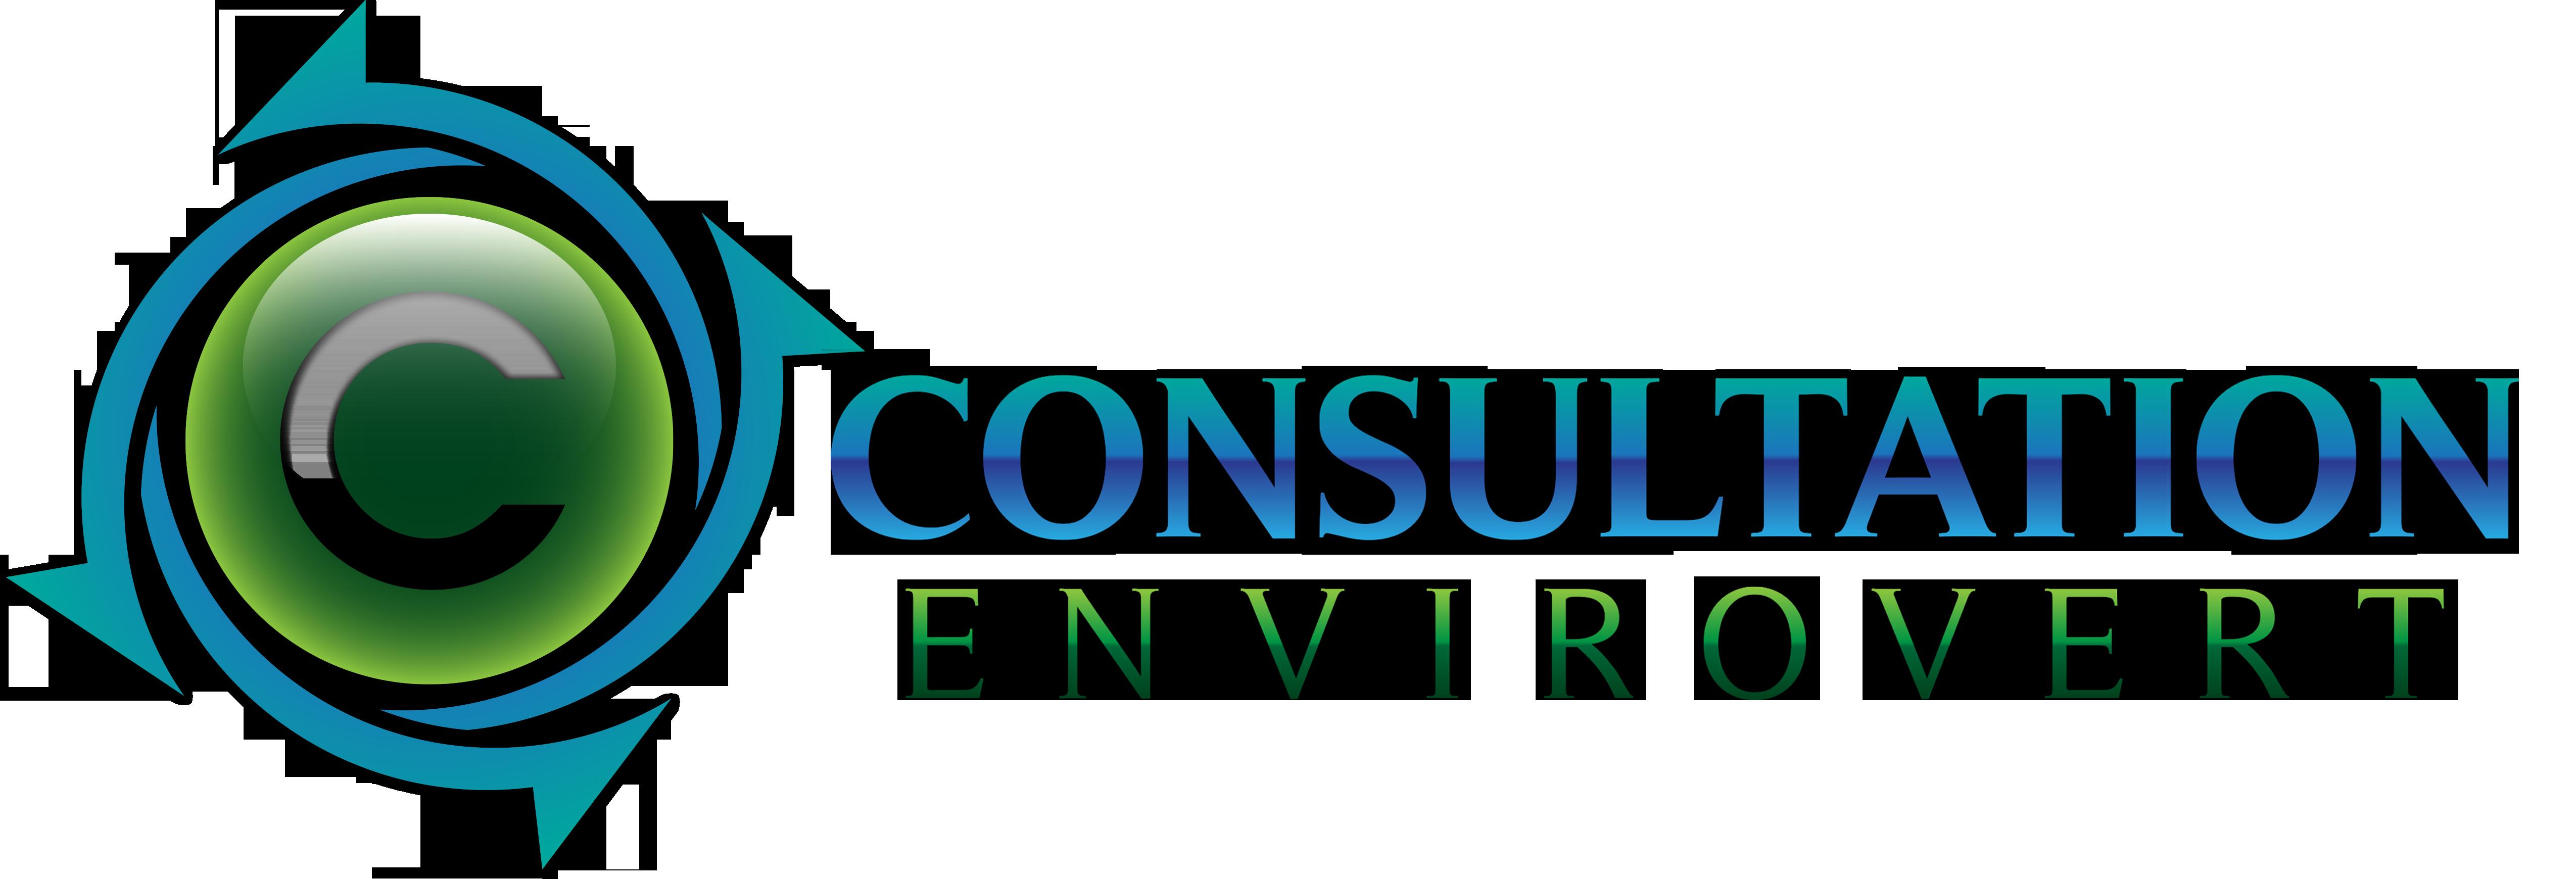 Consultation Envirovert